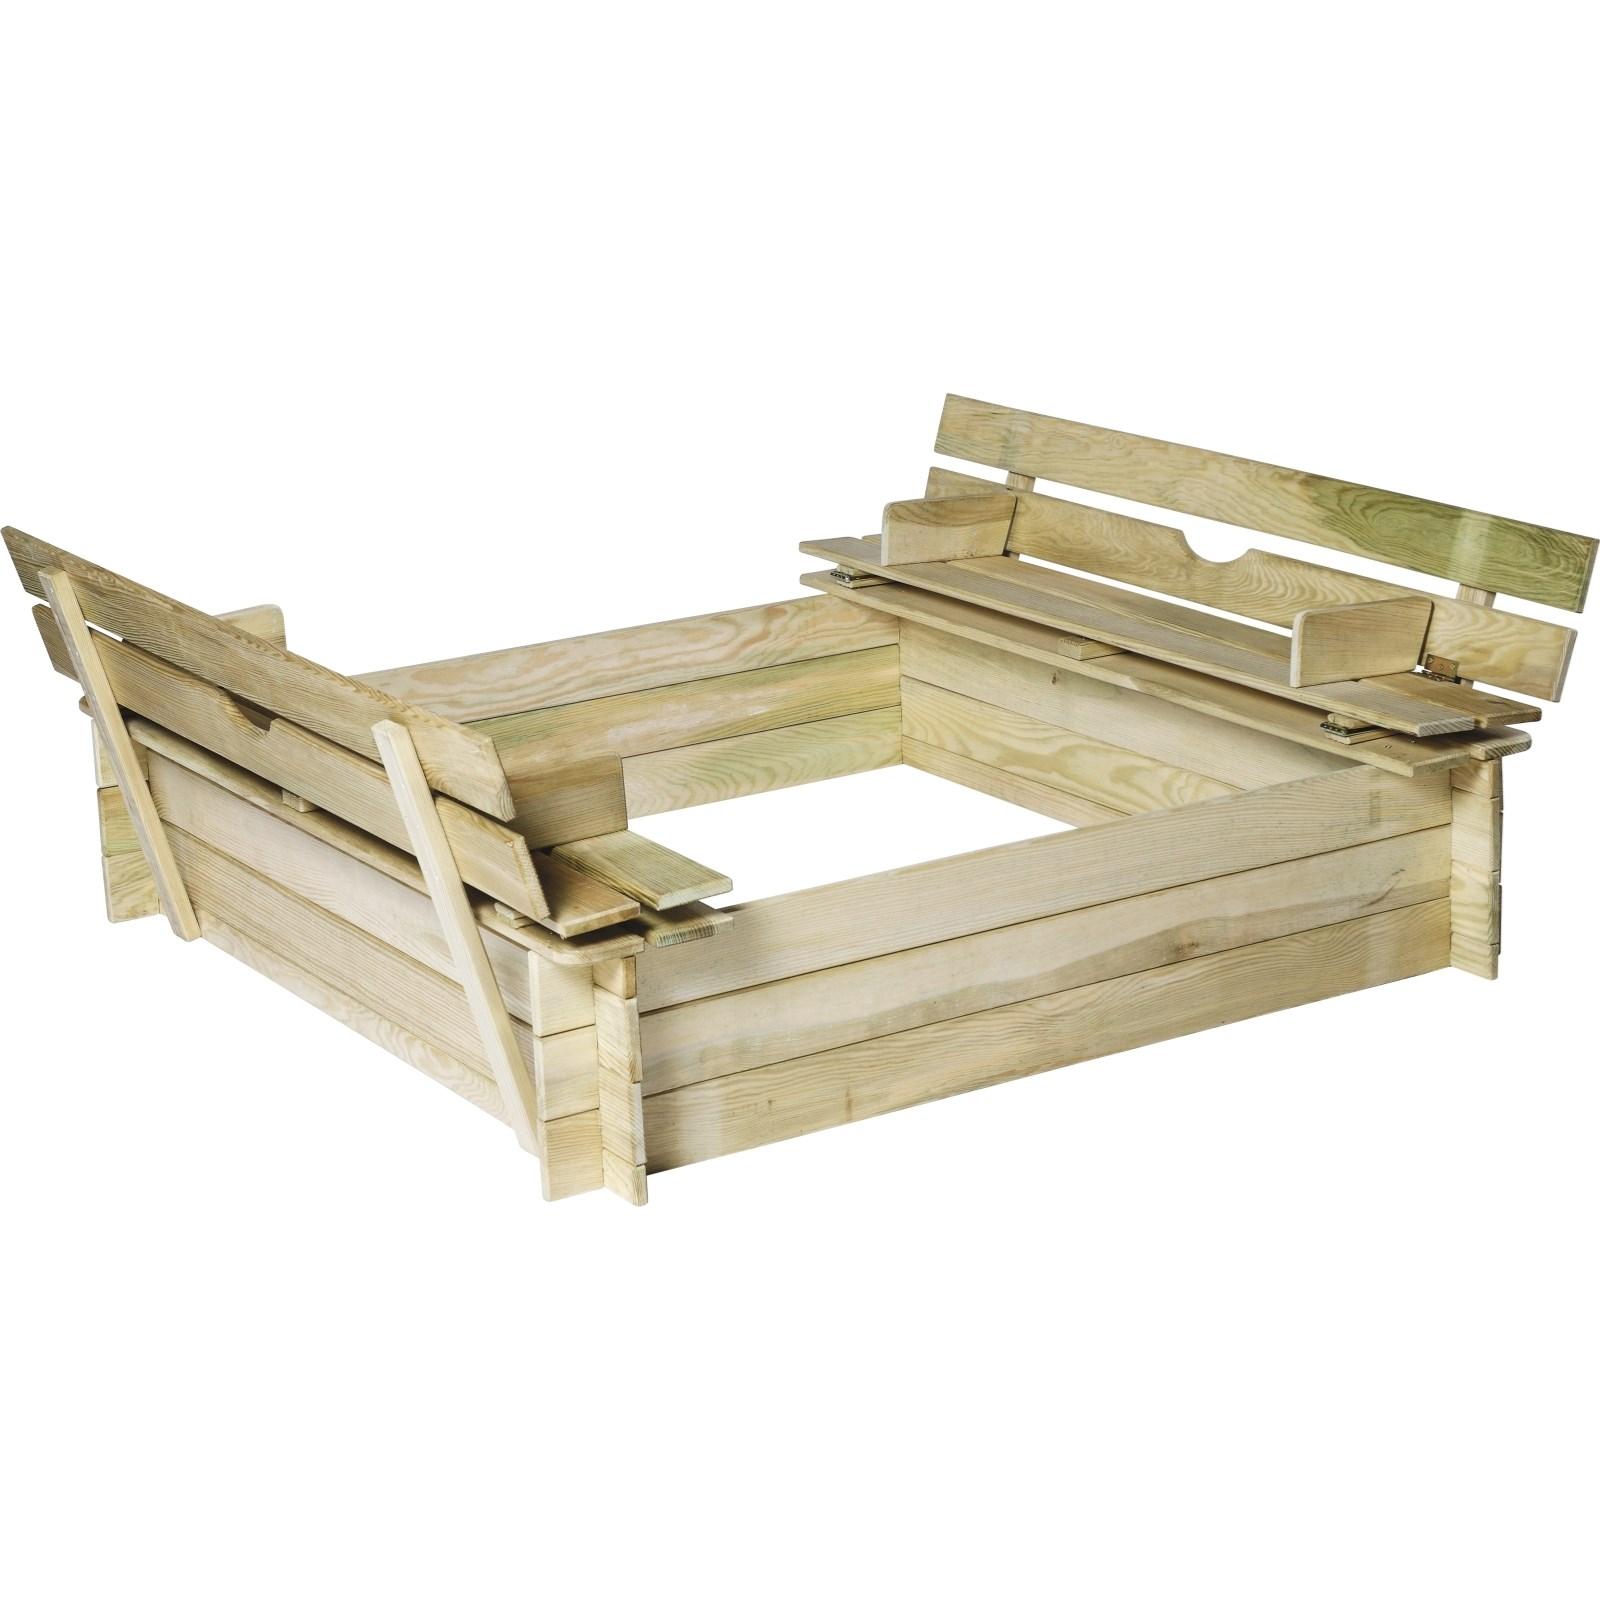 Sandkasten M Sitzbank 120 120 Cm Kinderspielzeug Outdoor Landi